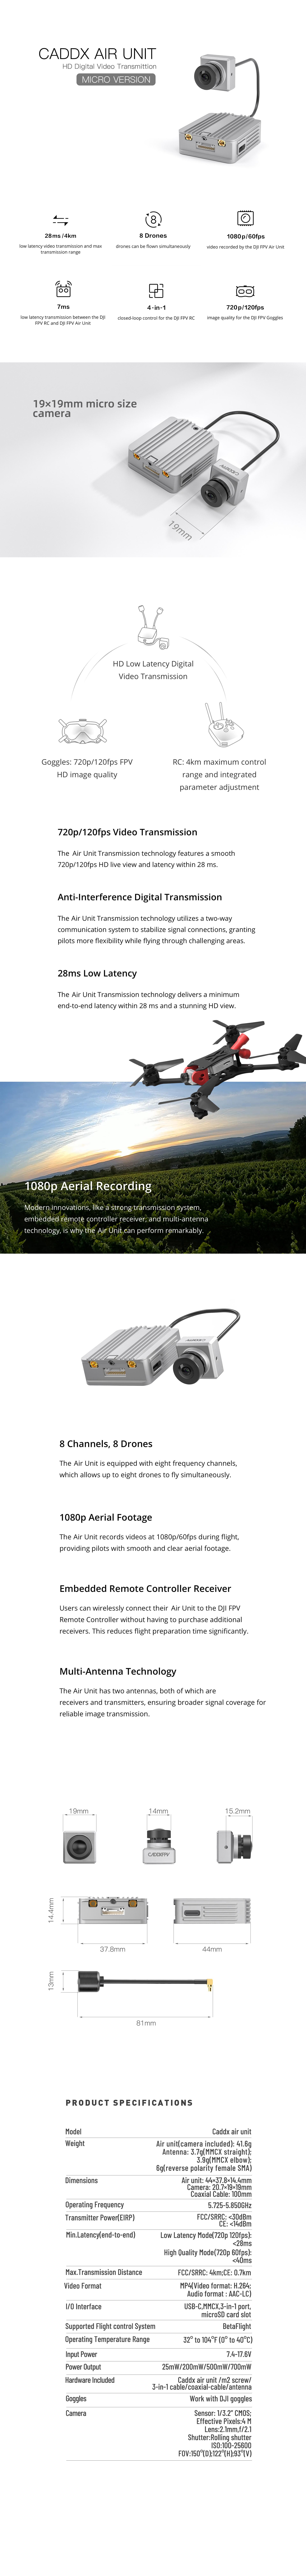 caddx air unit micro